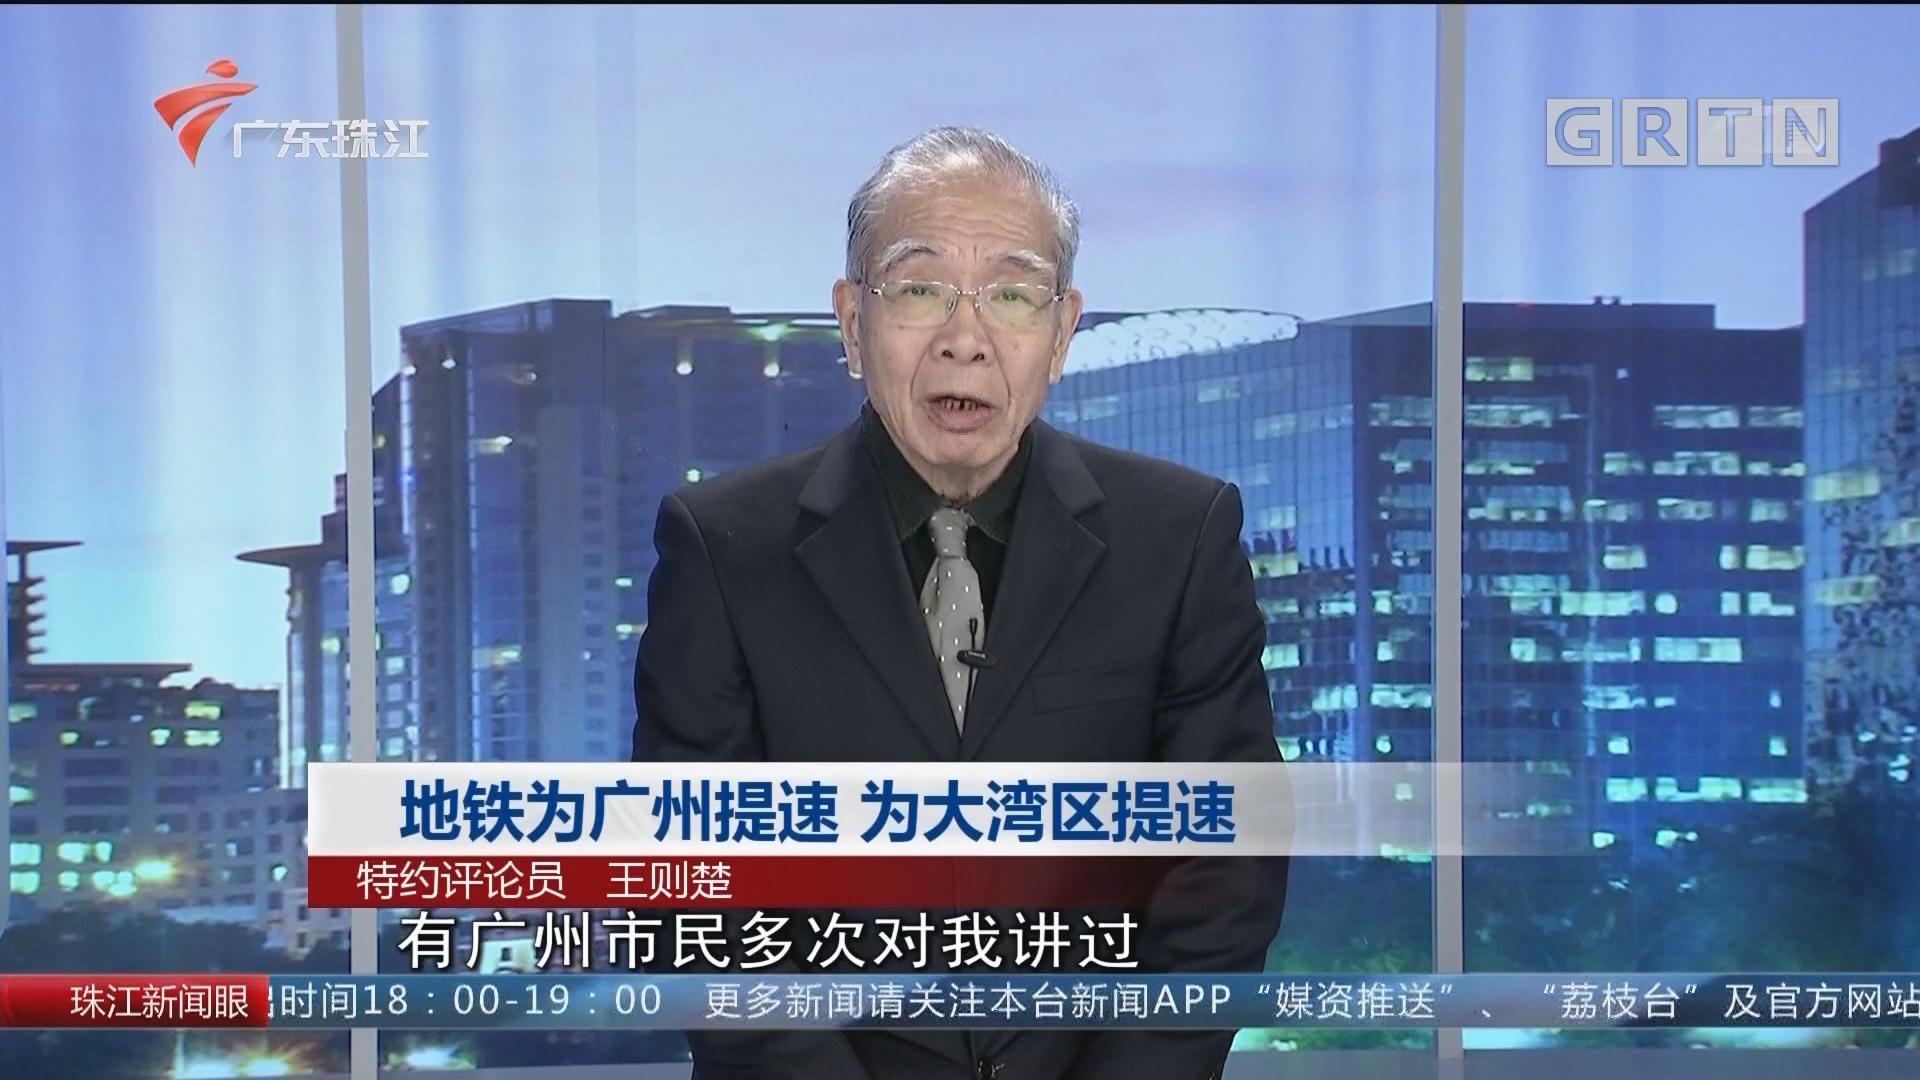 地铁为广州提速 为大湾区提速